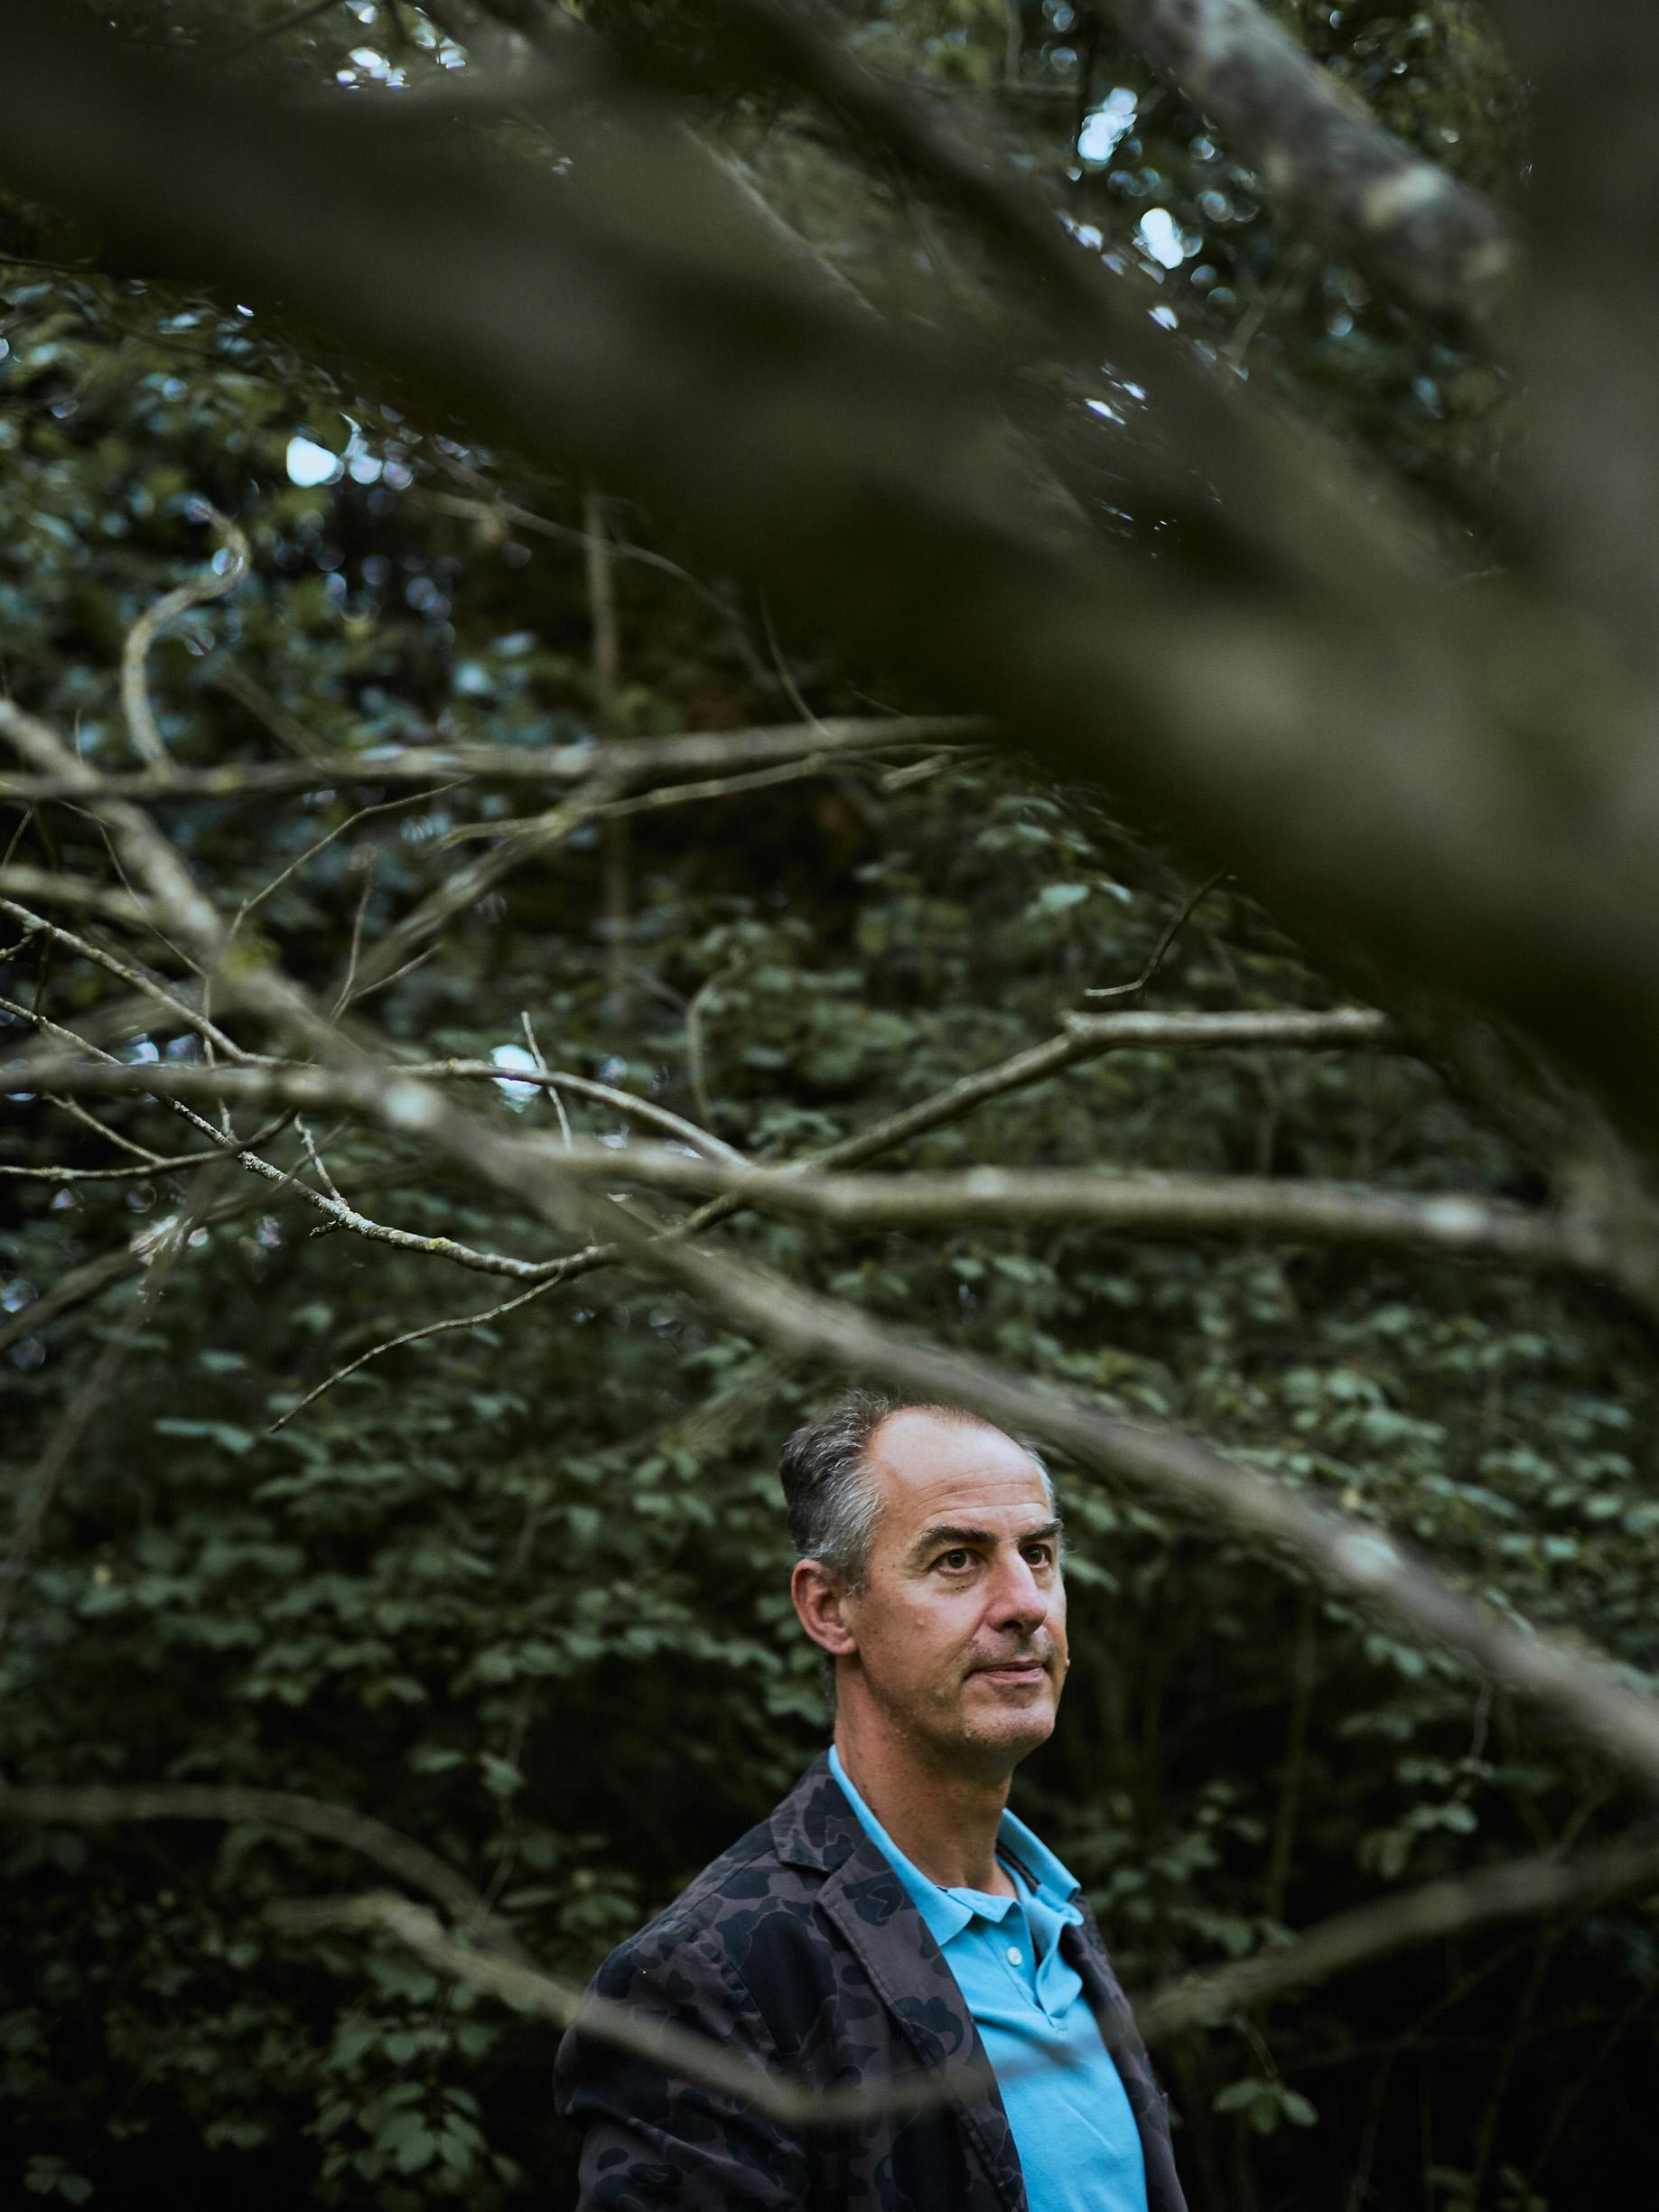 """Tod im Paradies   Kriminalhauptkommissar U. Körber untersuchte Tatort und Leiche. Dieser Tod ging ihm nahe: """"Nach so langer Flucht, das berührt""""."""